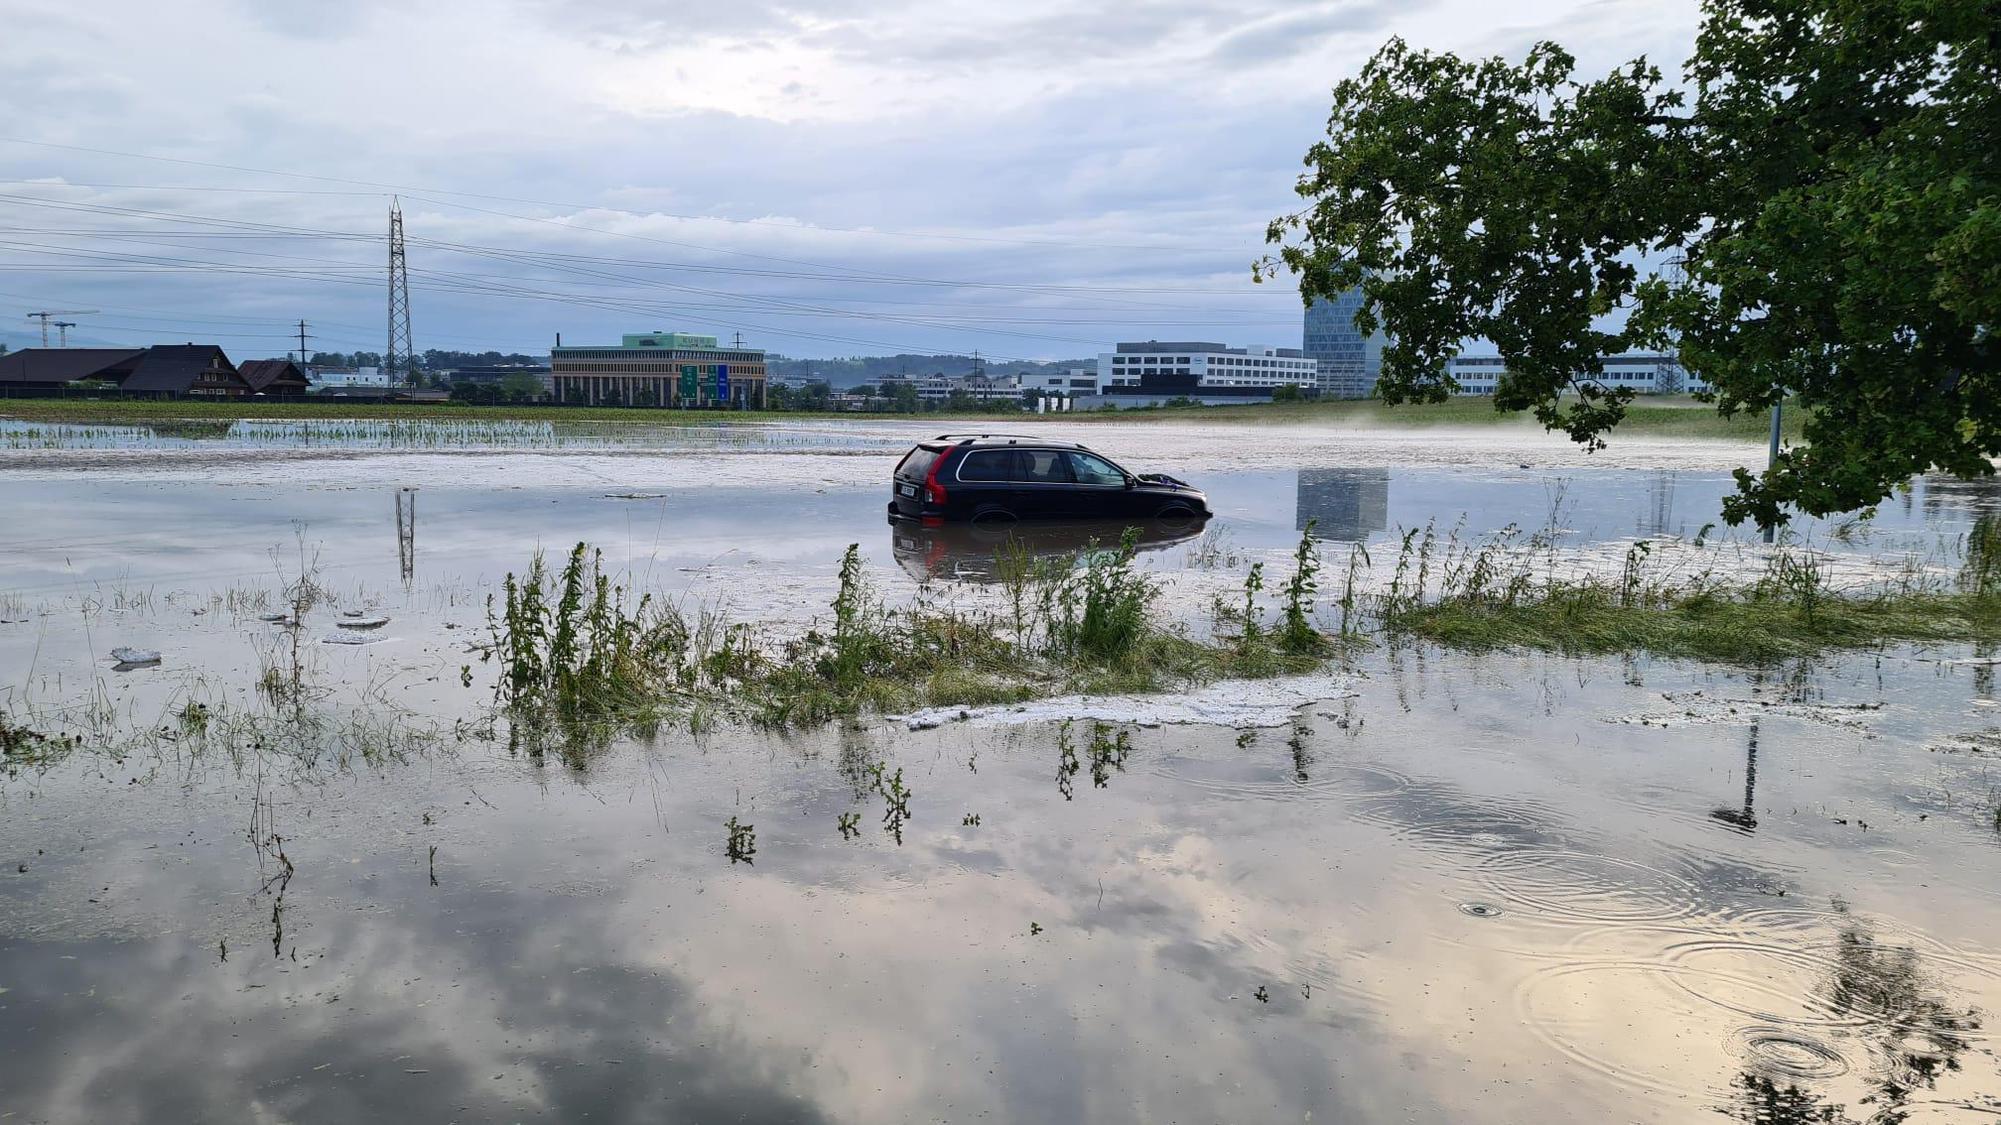 Extreme Wetterverhältnisse mit Überschwemmungen und … 20min/News-Scout